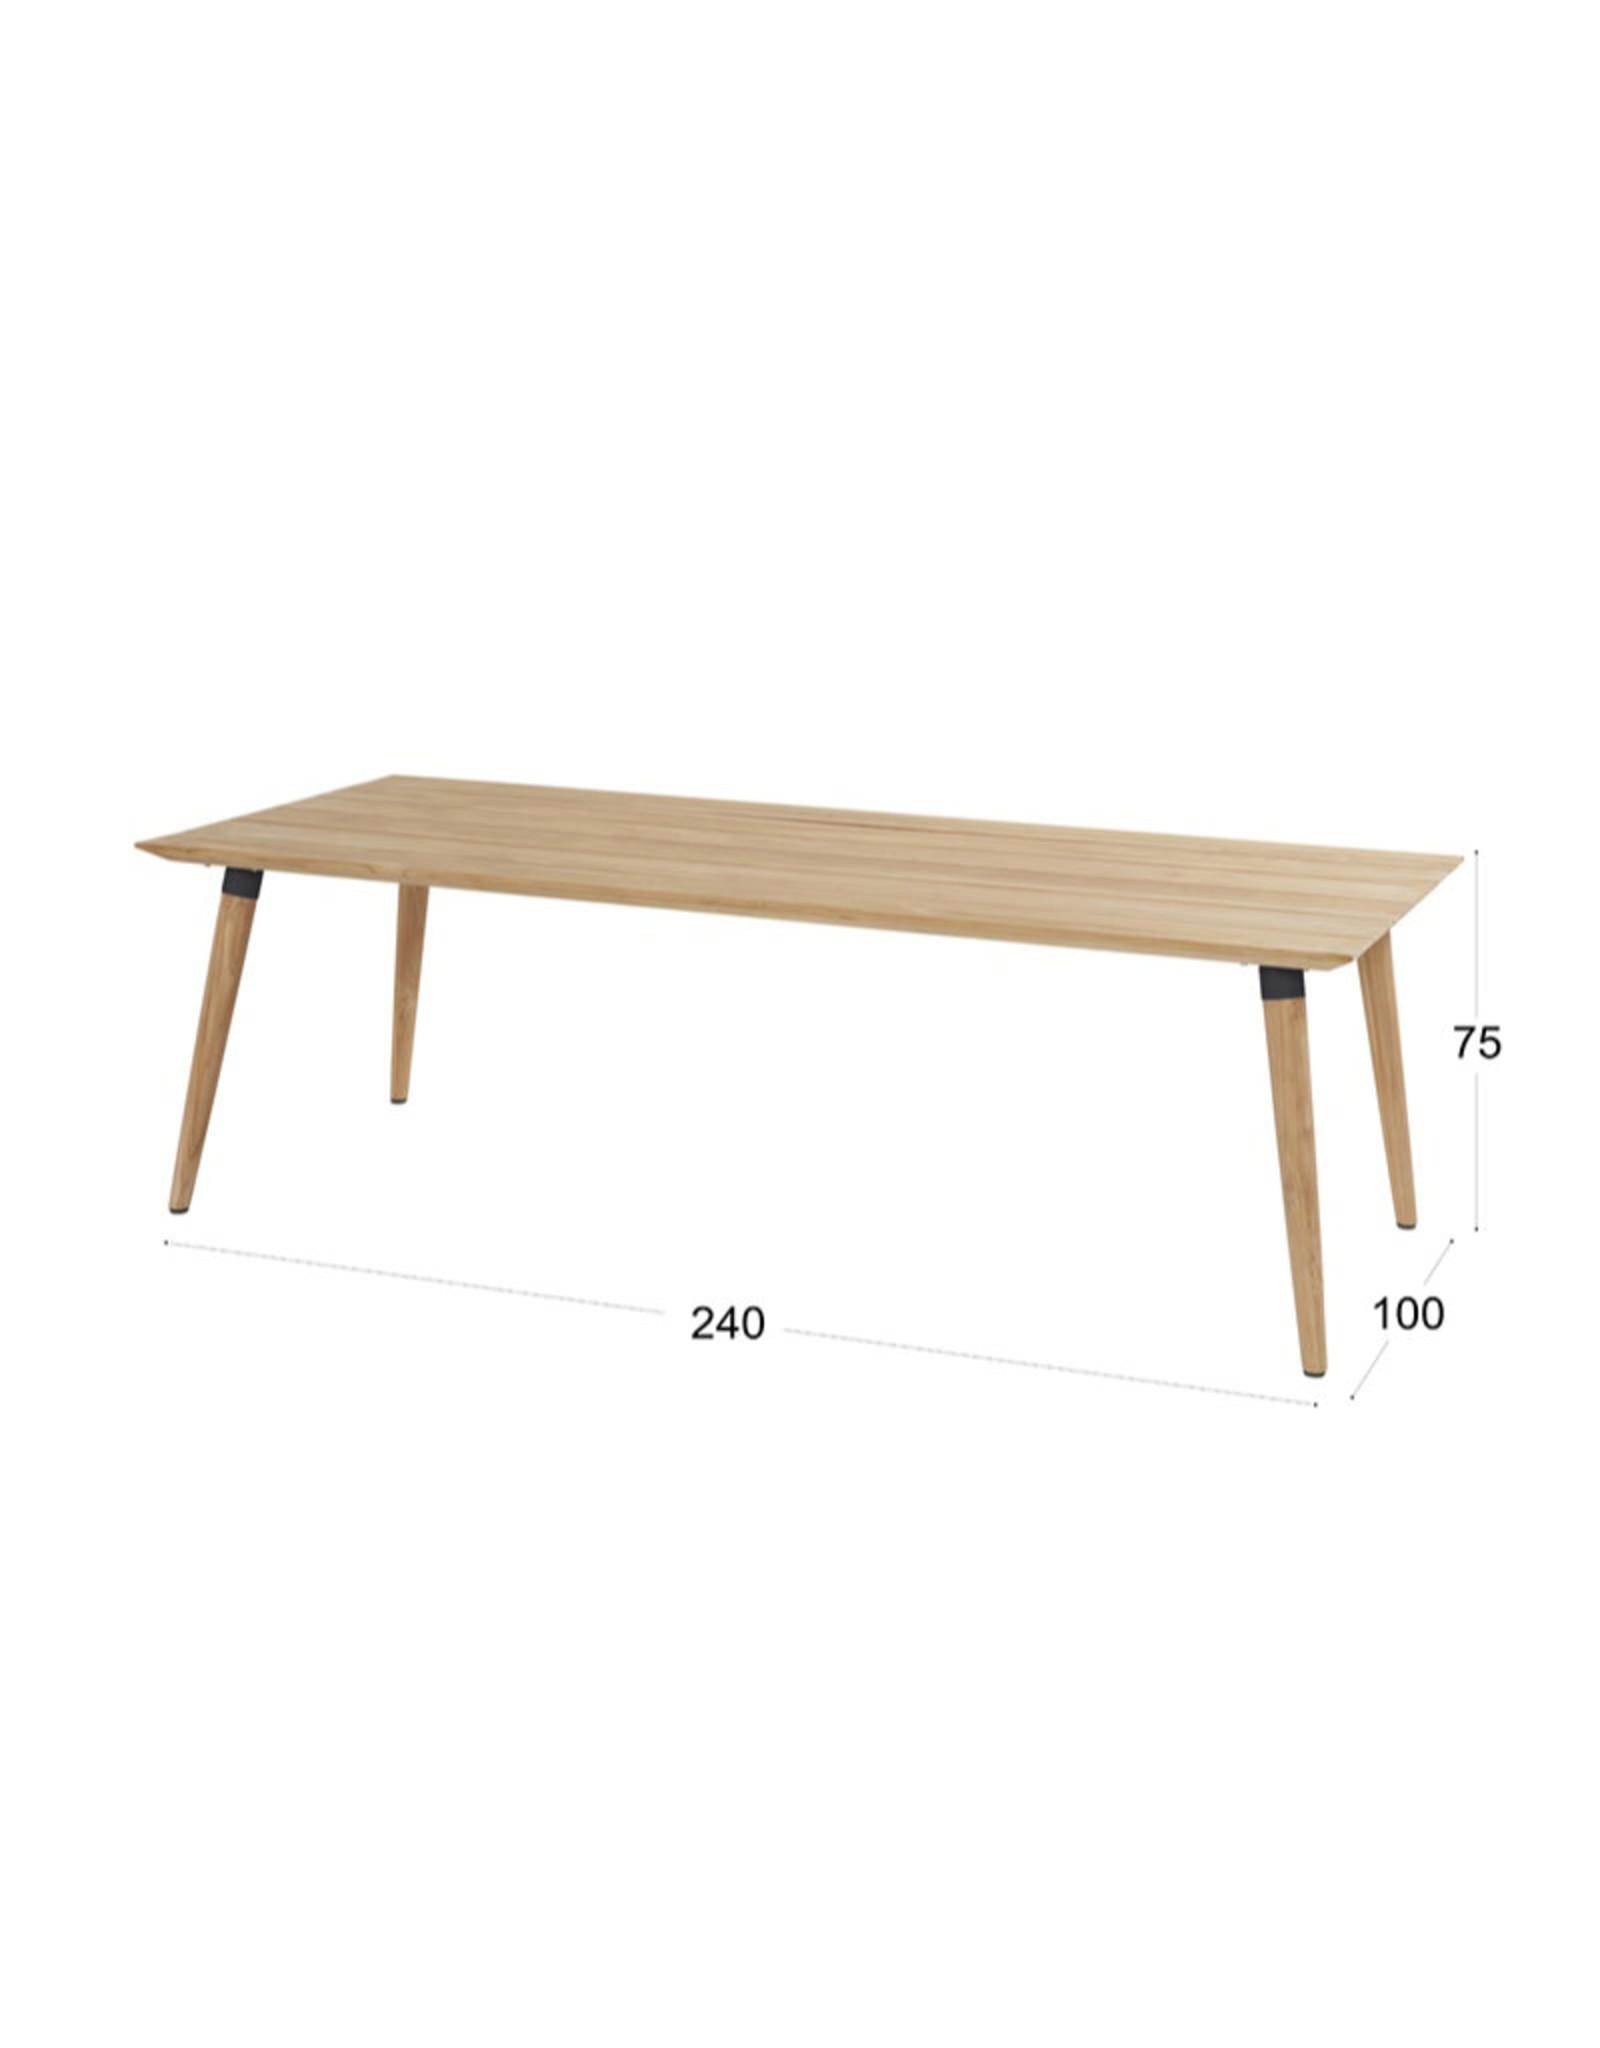 Hartman Hartman Sophie Studio Teak Table 240x100cm